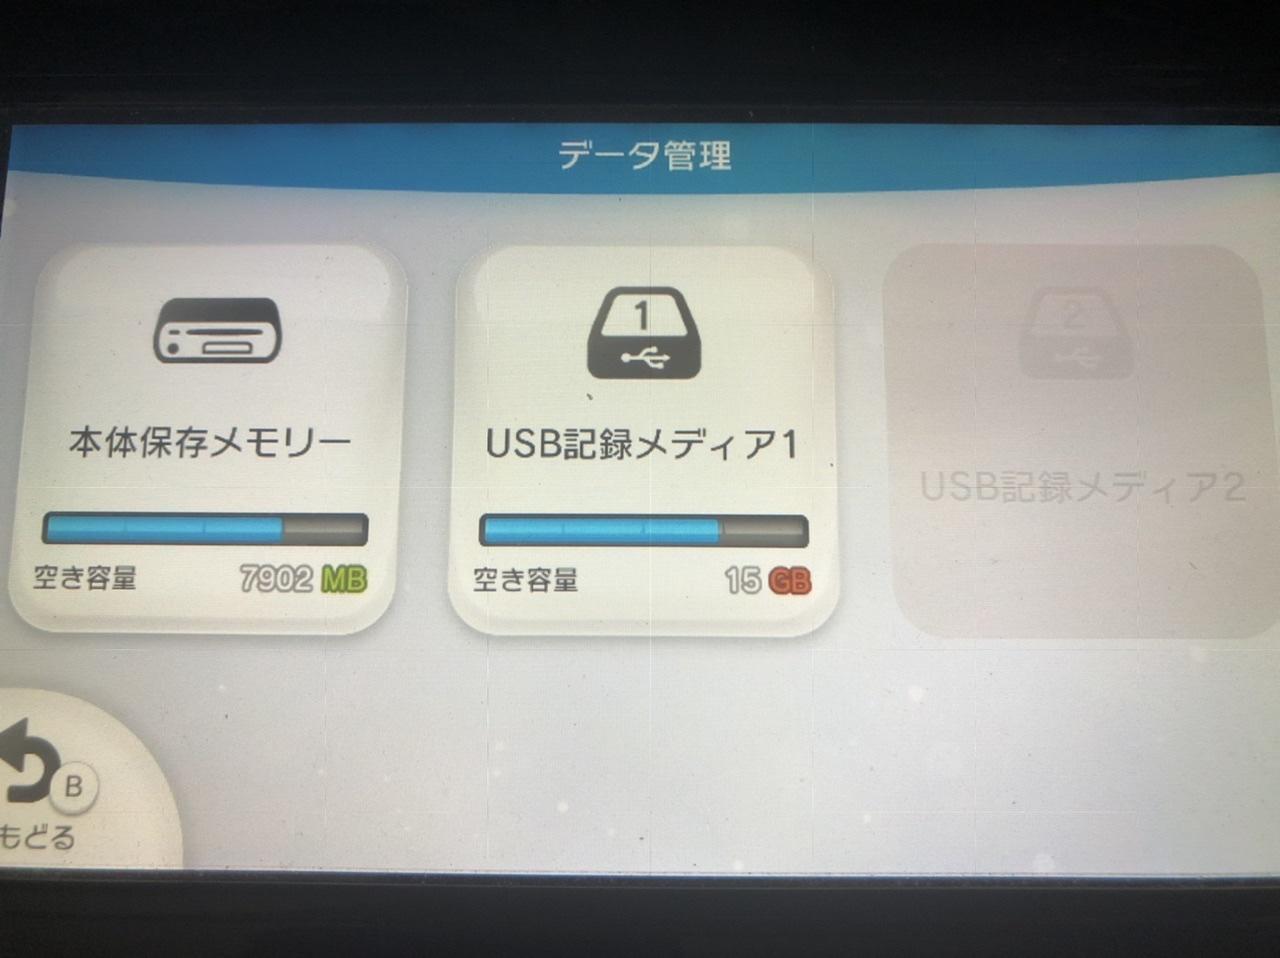 f:id:FukayaAruto:20210929145850j:plain